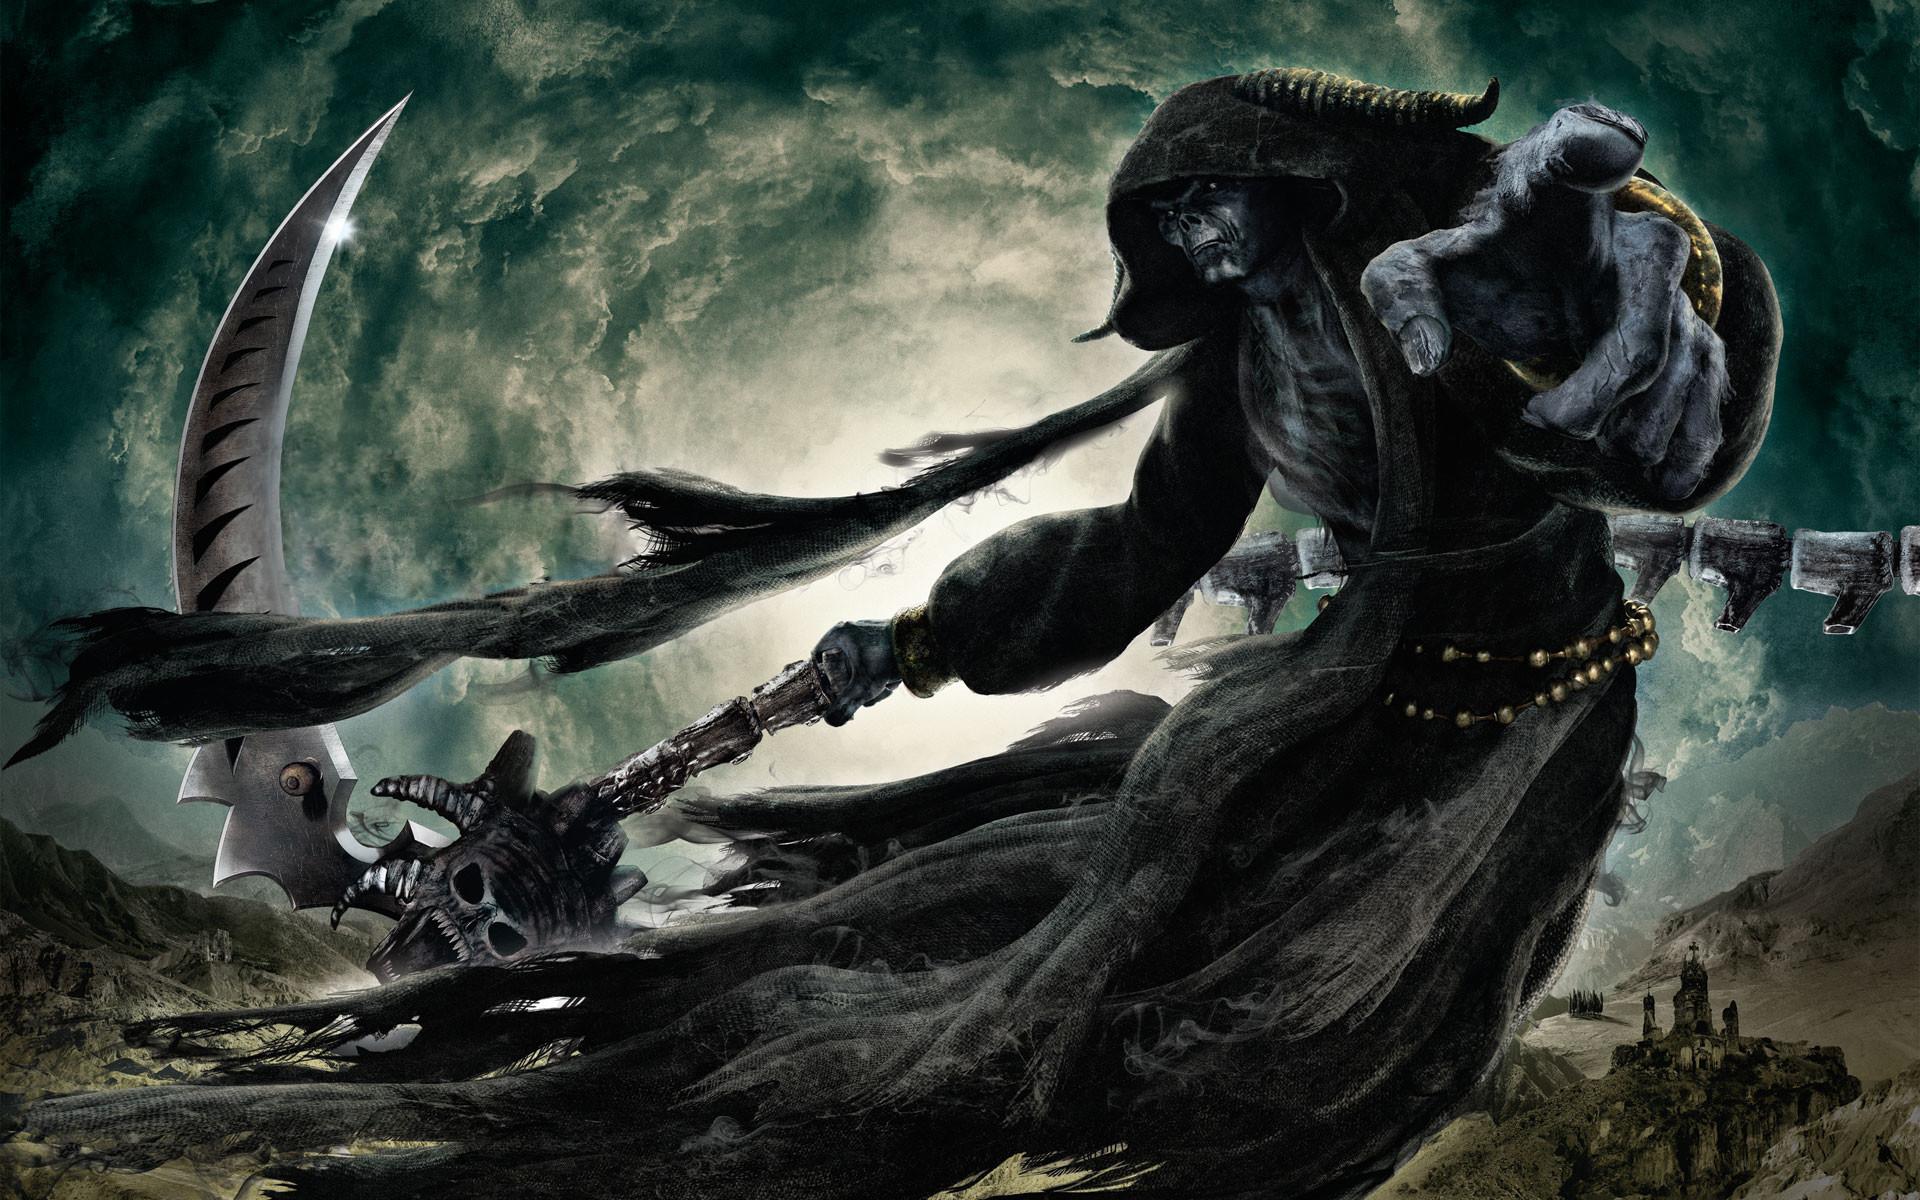 фэнтези графика женщина Grim Reaper  № 3256188 бесплатно